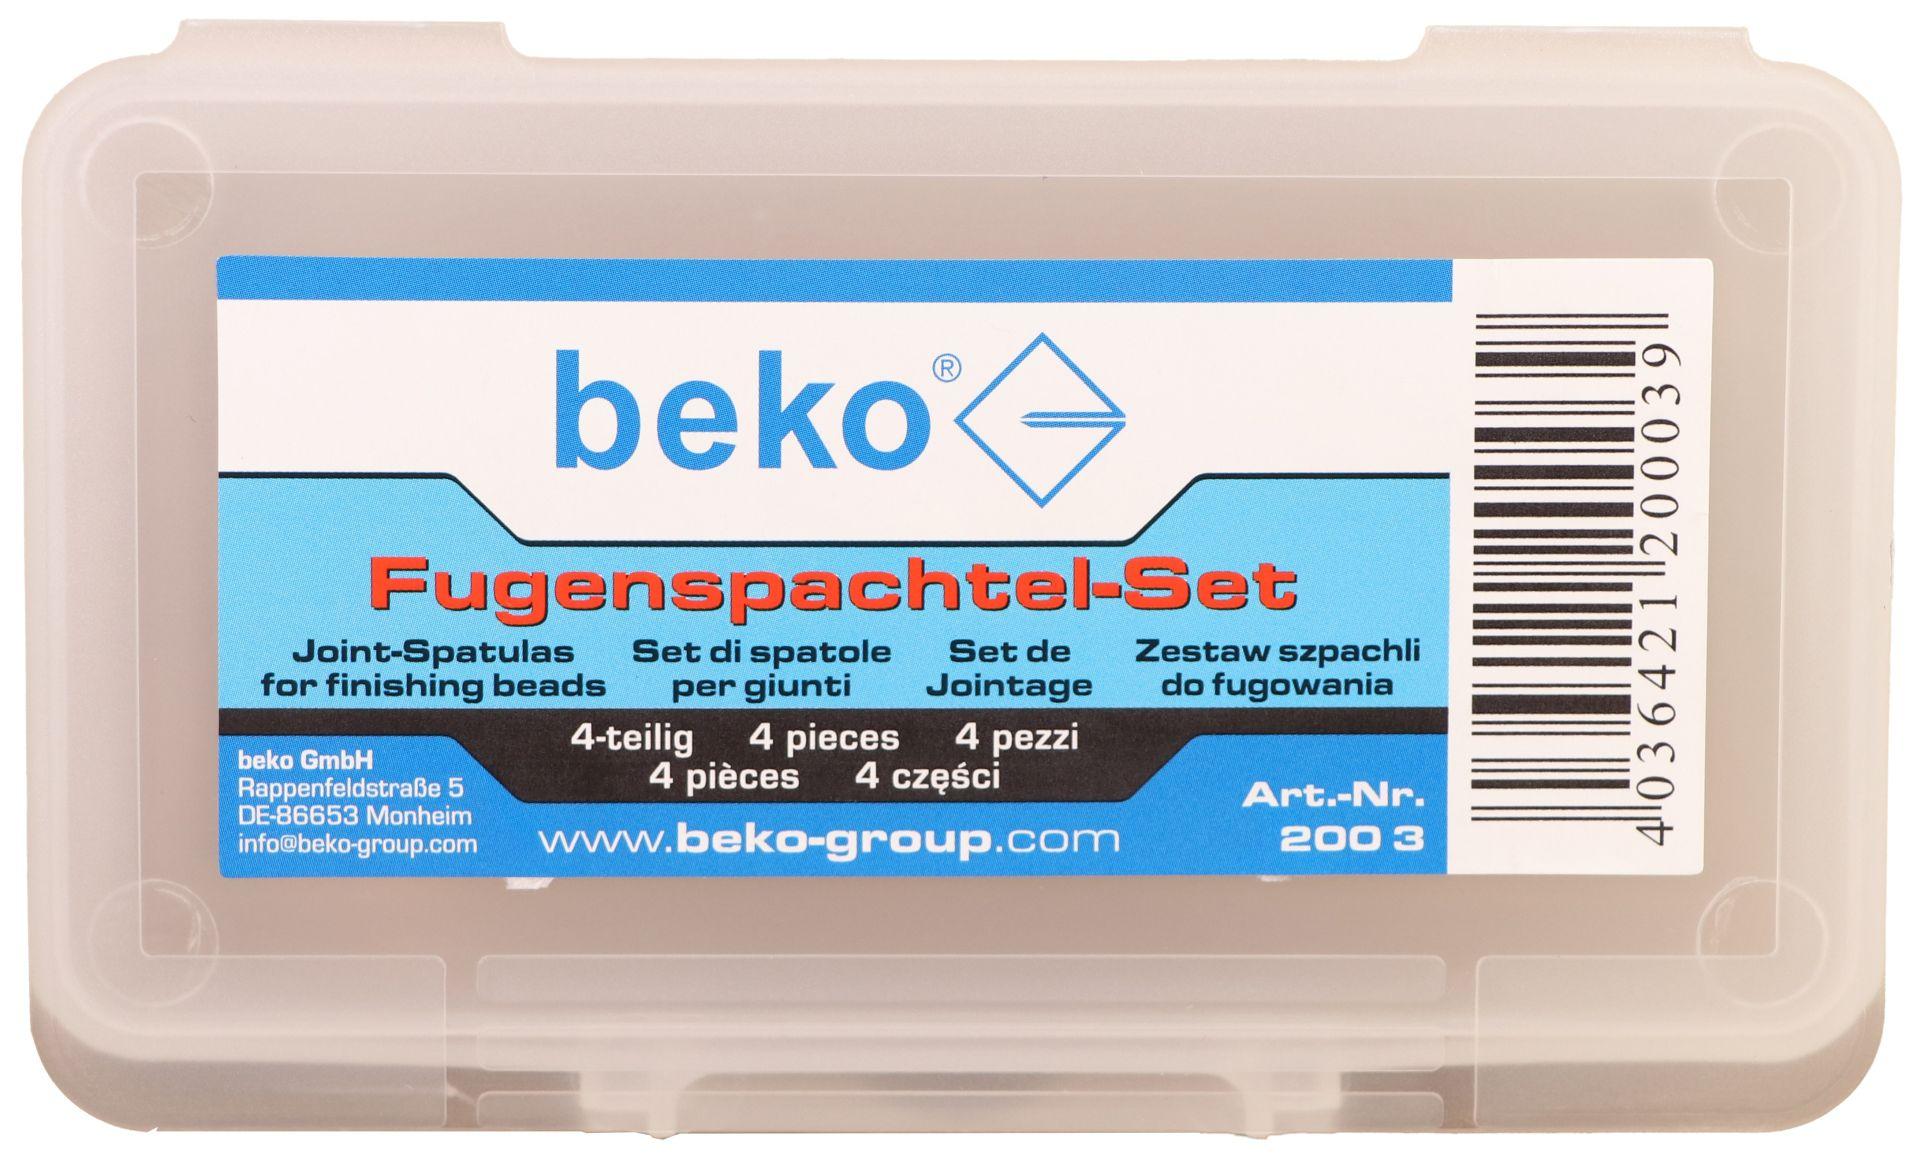 beko Fugenspachtel-Set, Fugenglätter für Dichtstoffe, 4 Fugenspachtel-Gummis im Set